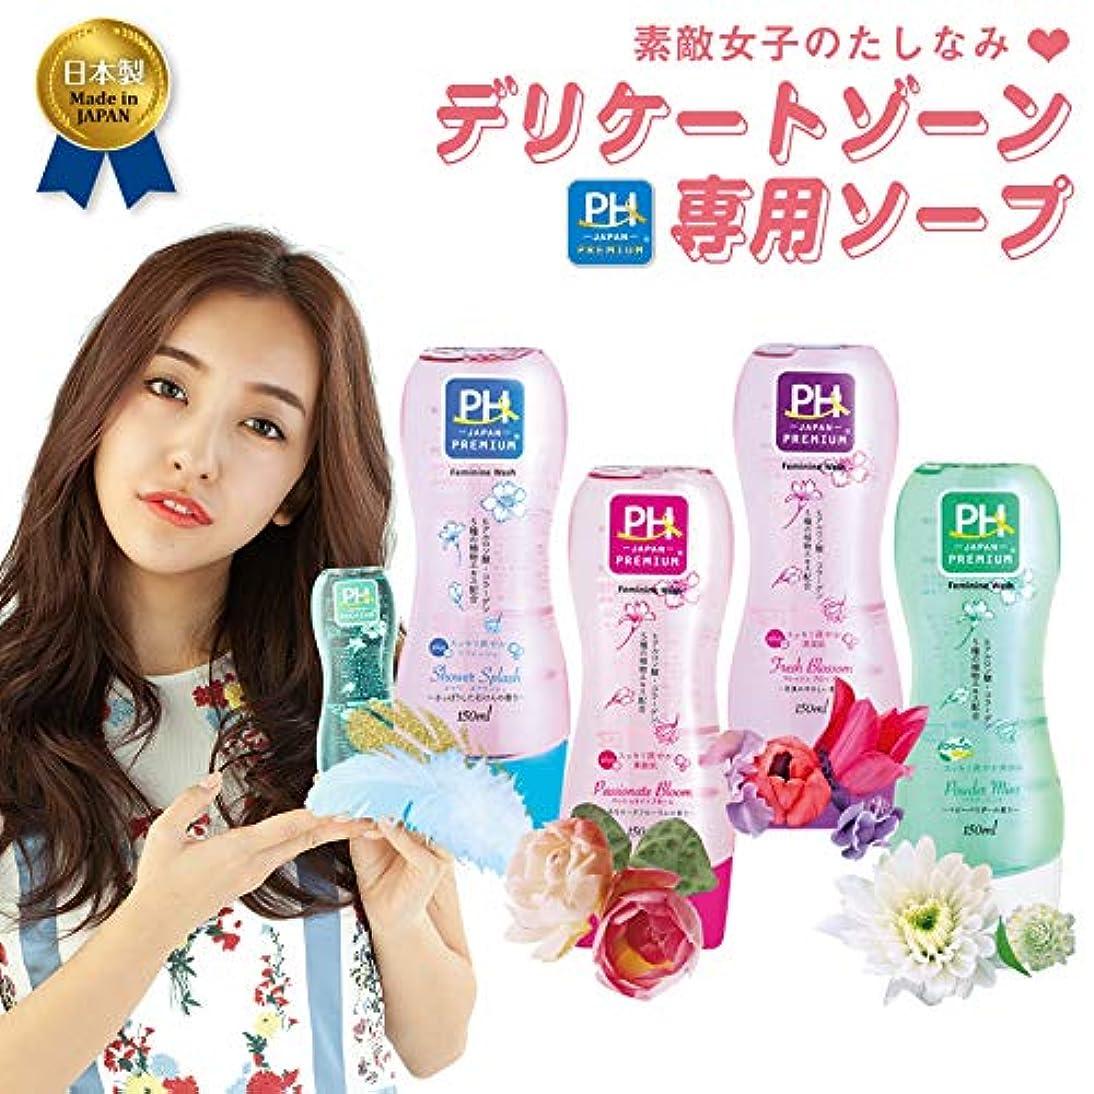 ローン増幅するイノセンスフレッシュブロッソム4本セット PH JAPAN フェミニンウォッシュ 花束のやさしい香り